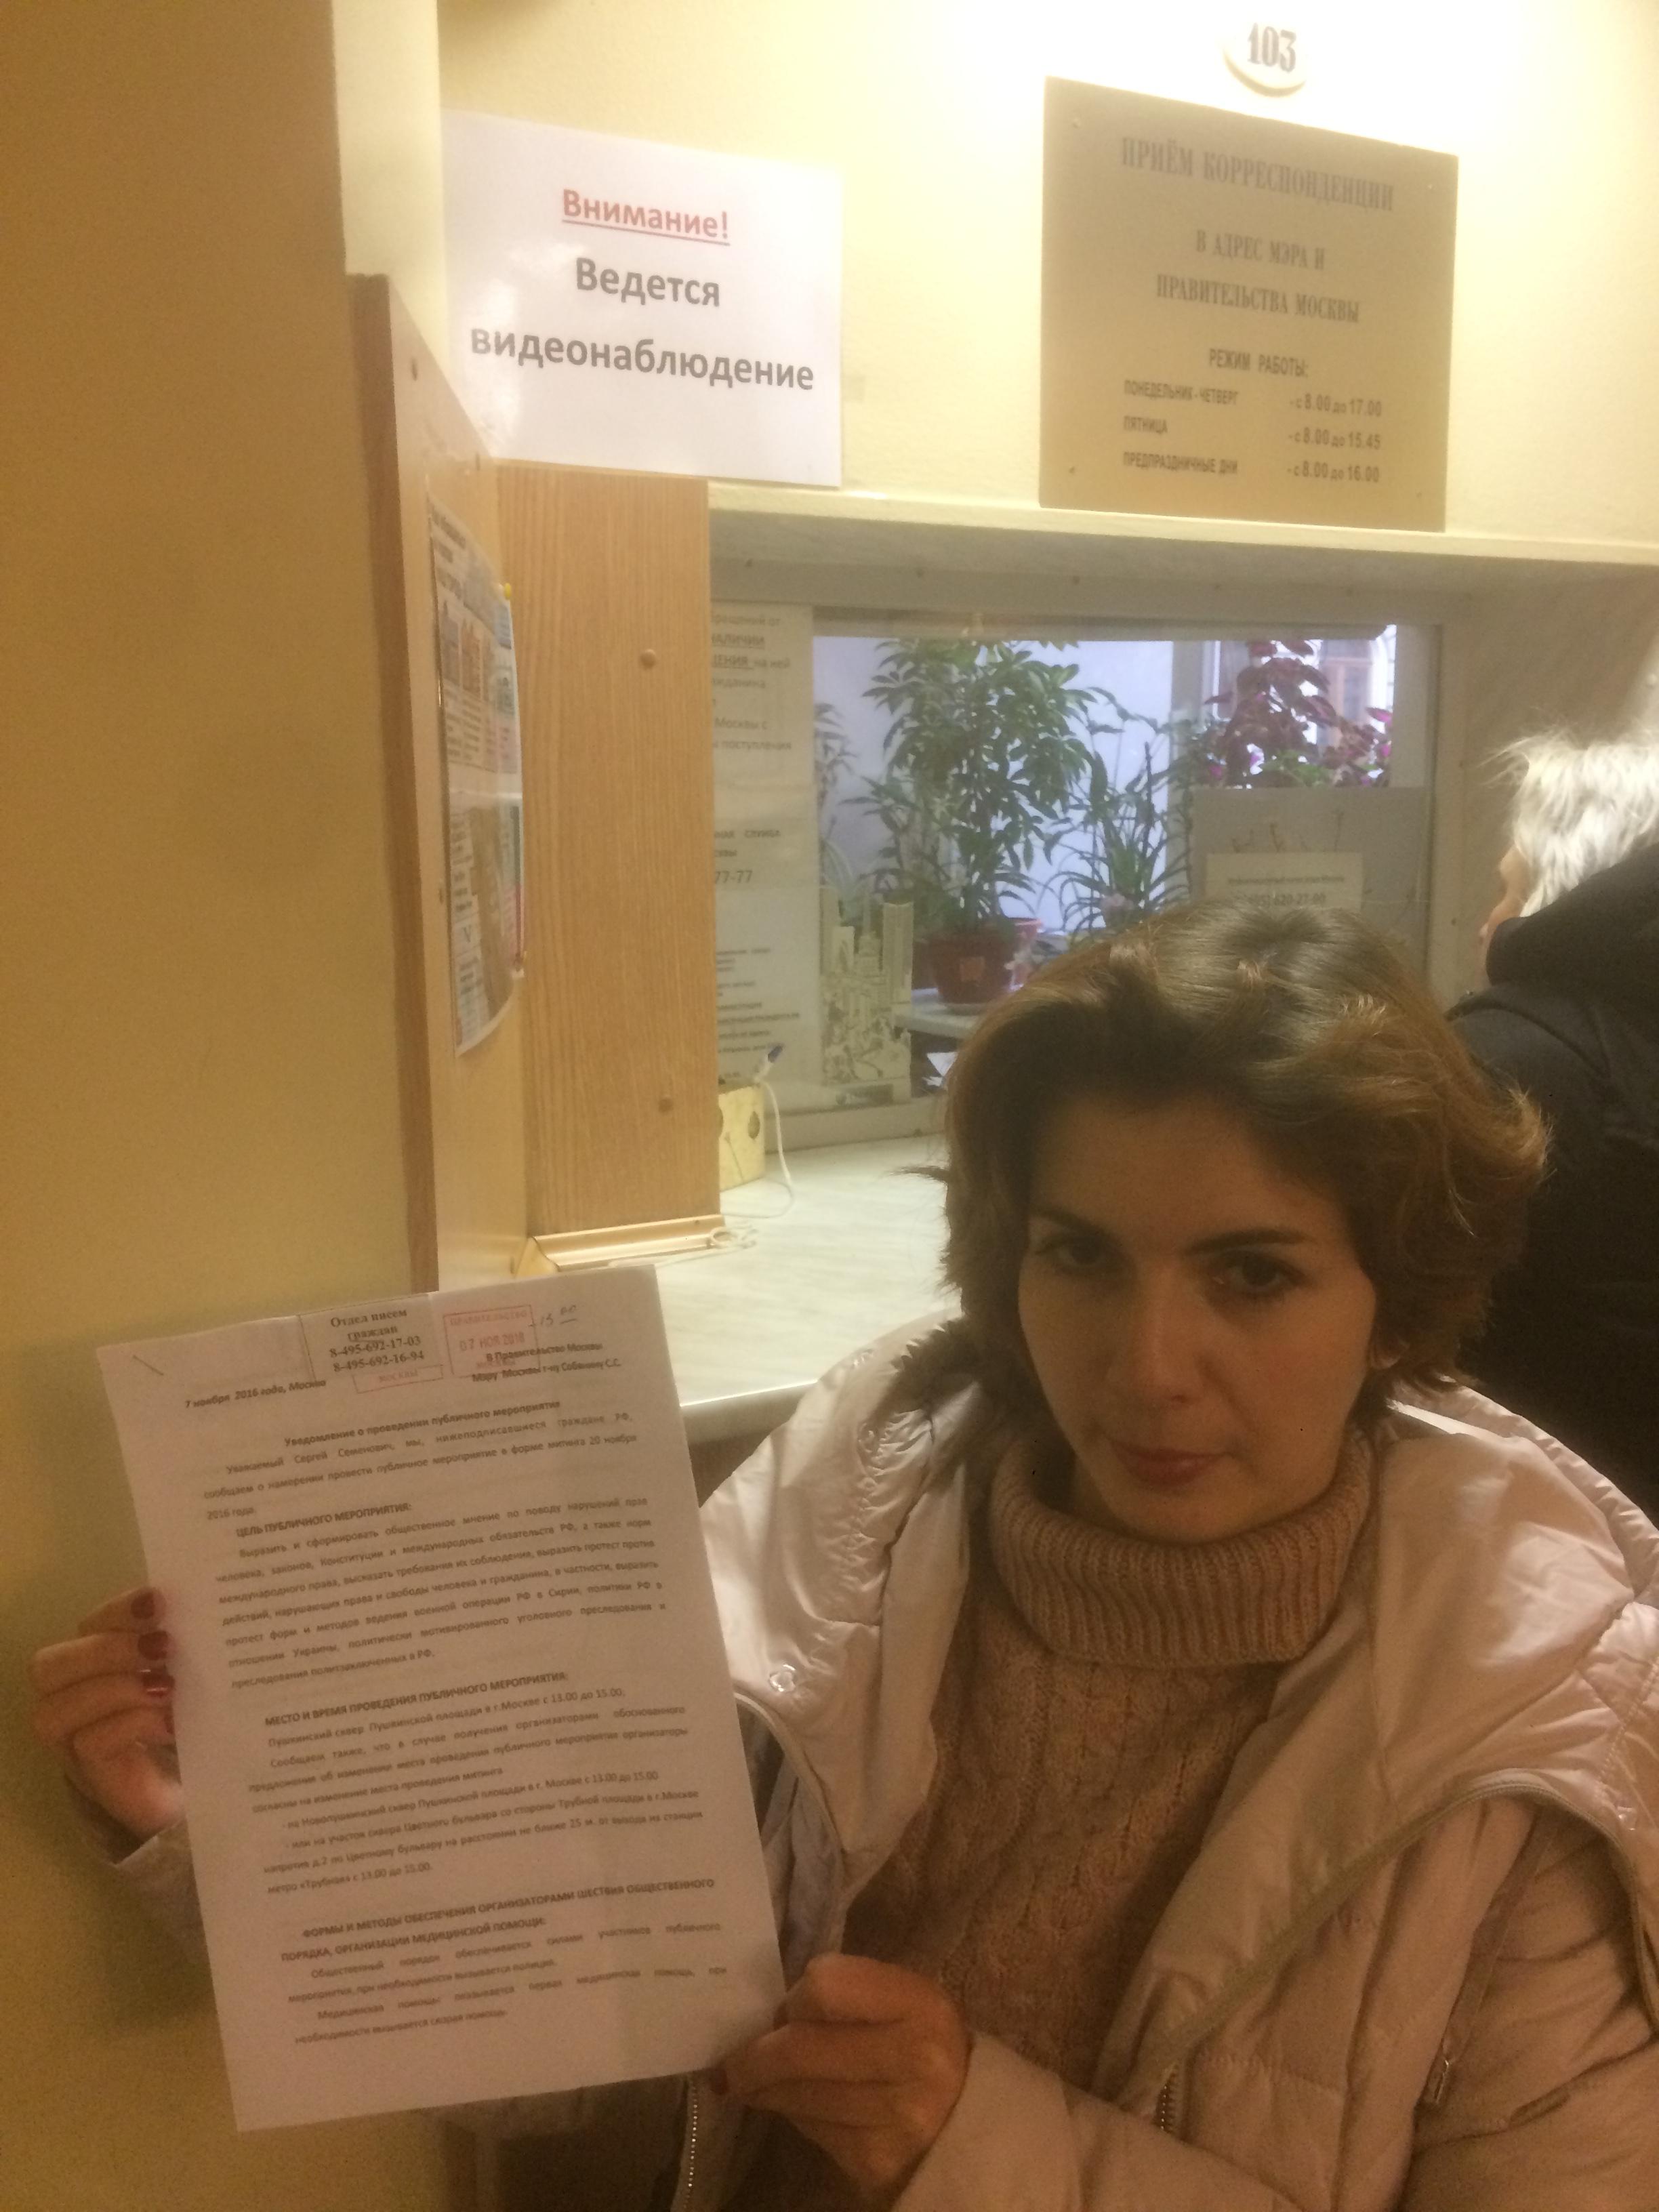 Ксения Логинова (ЛПР) подает уведомление об антивоенном митинге